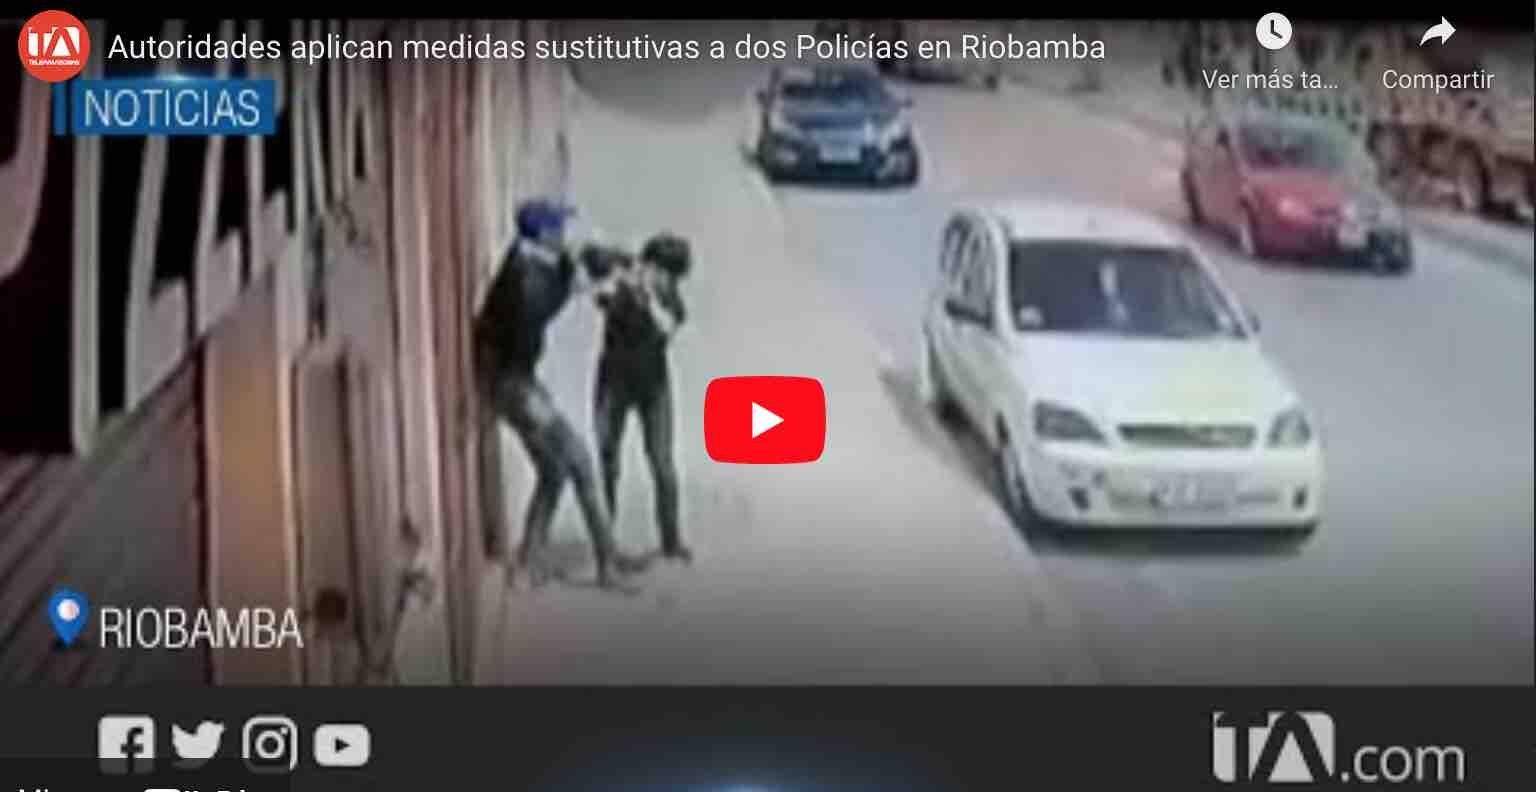 VIDEO: Autoridades aplican medidas sustitutivas a dos Policías en Riobamba